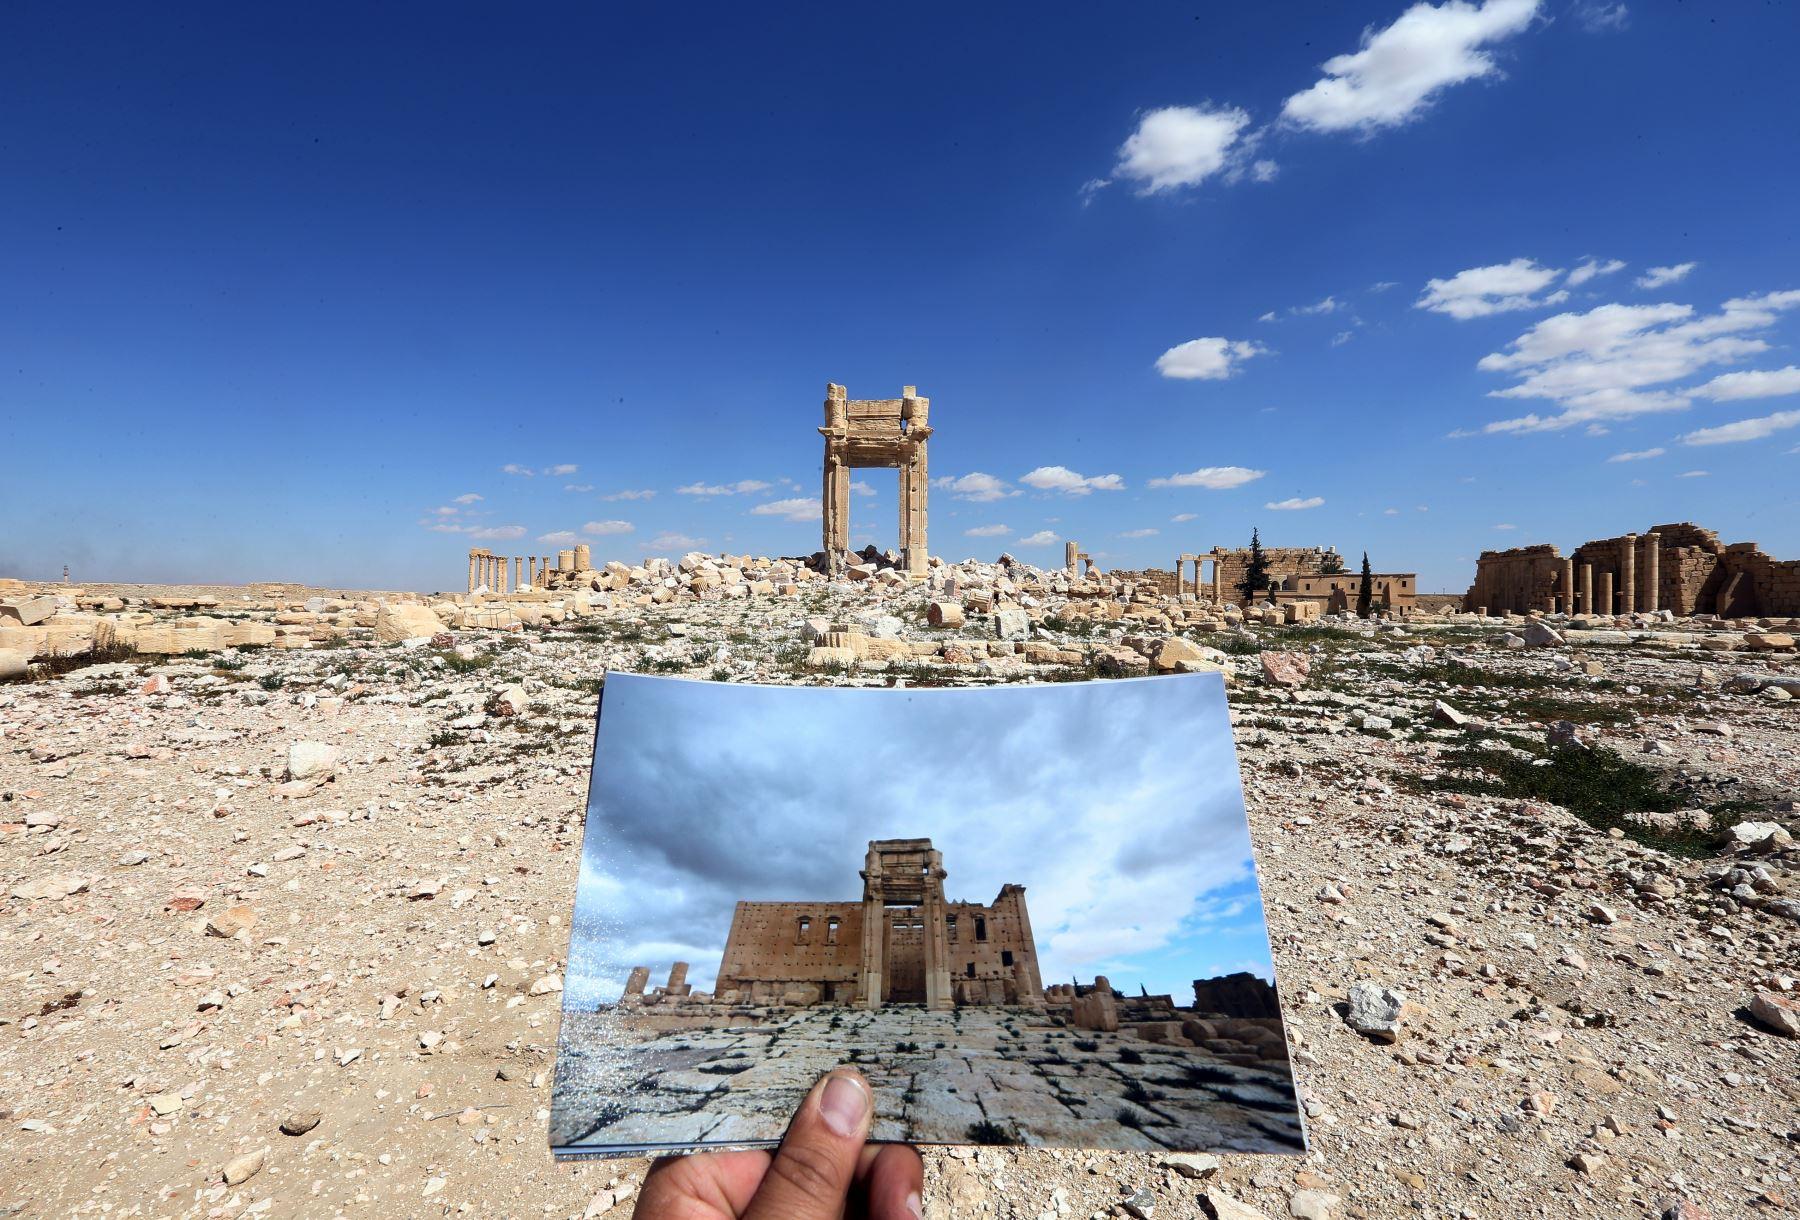 Dormitorio Café vida  Así quedaron las bellas ruinas de Palmira tras la trágica presencia del  Estado Islámico | Noticias | Agencia Peruana de Noticias Andina